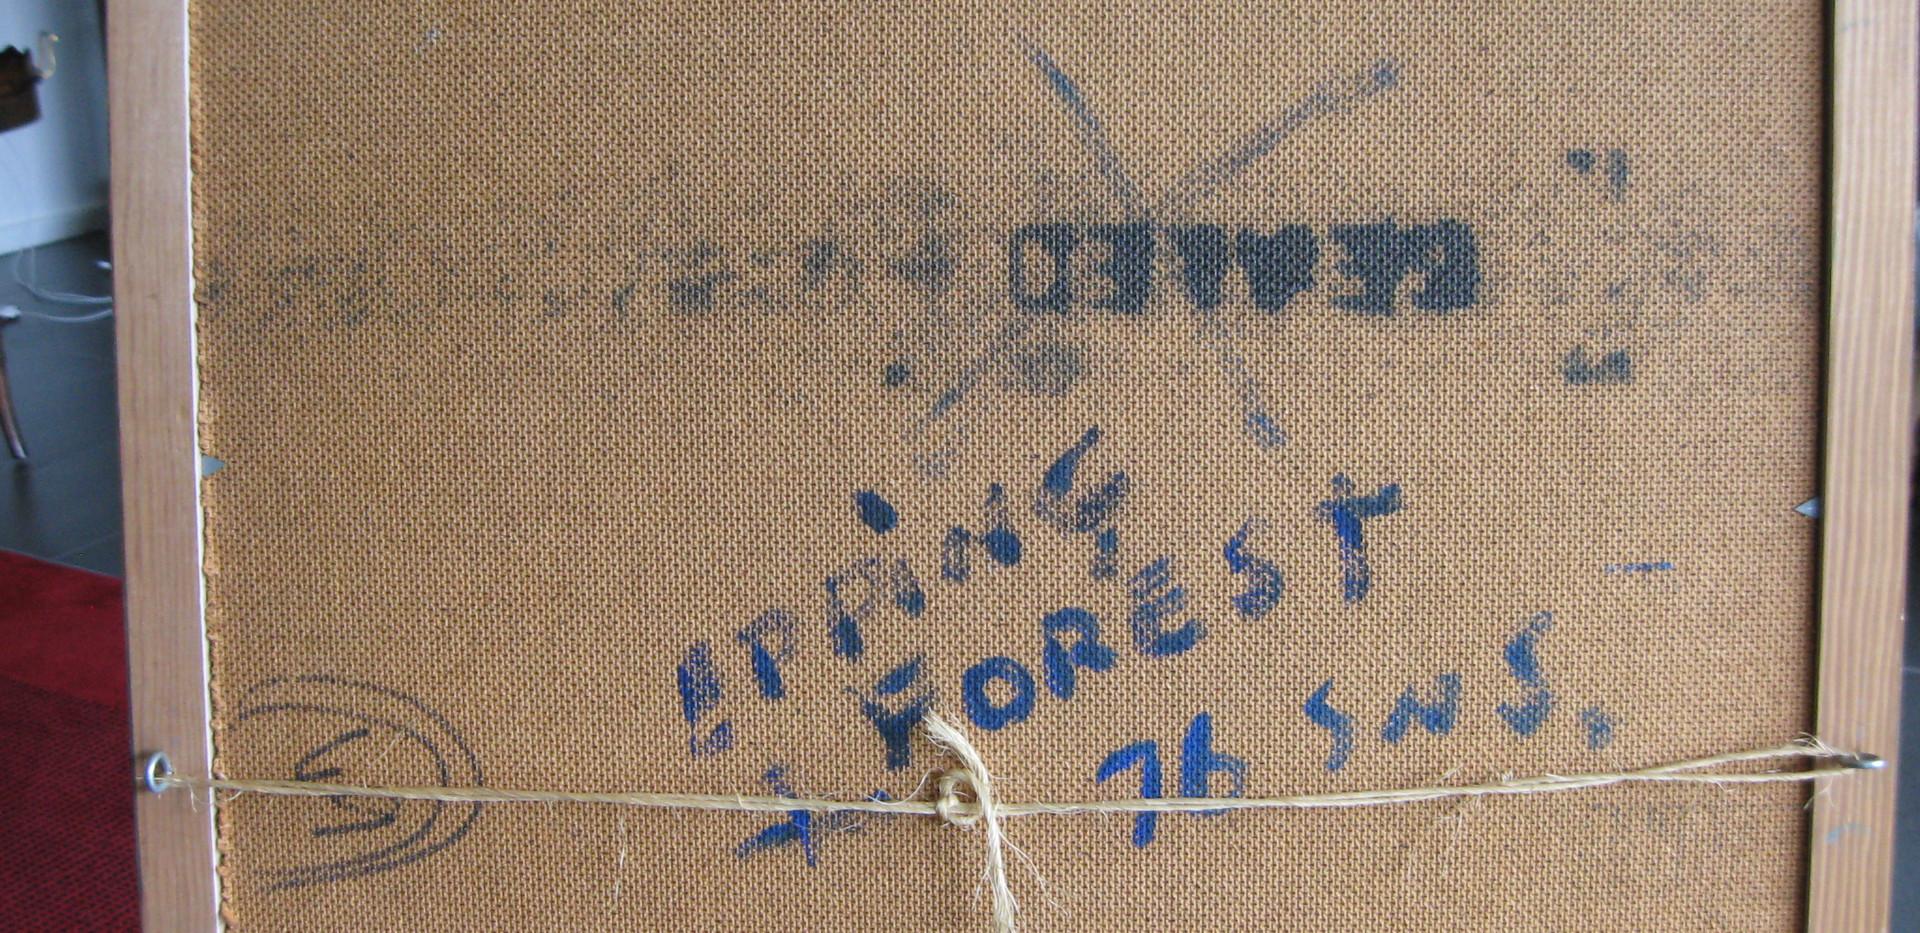 Isherwood Epping Forest